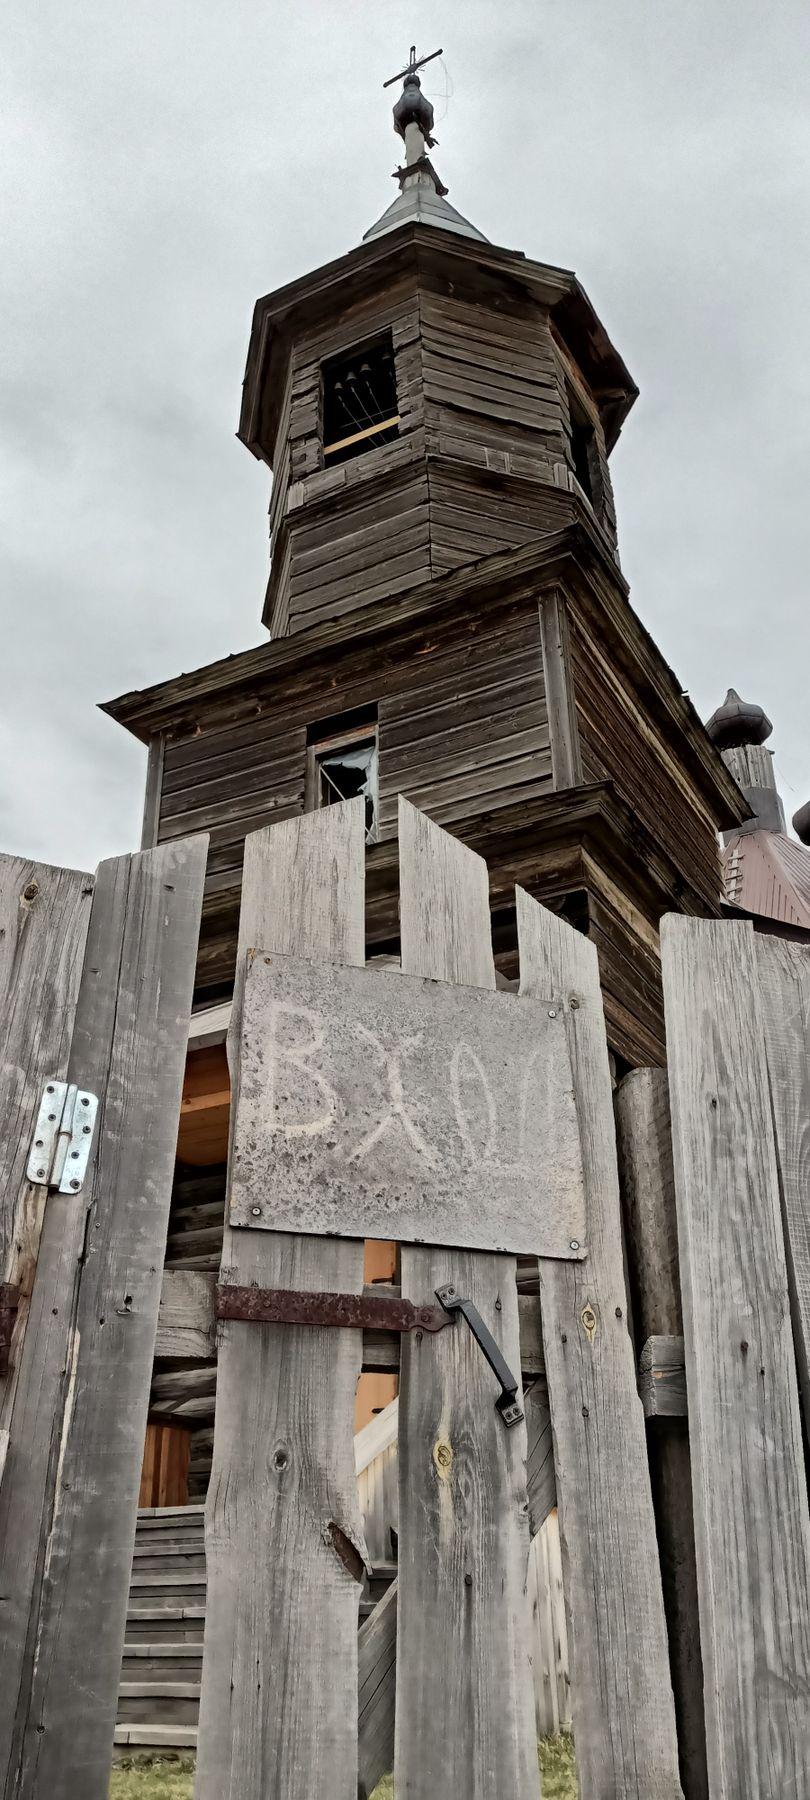 ***Вход Калитка дверь дверца вход деревня деревянная надпись на двери старая церковь крест купол тесные врата